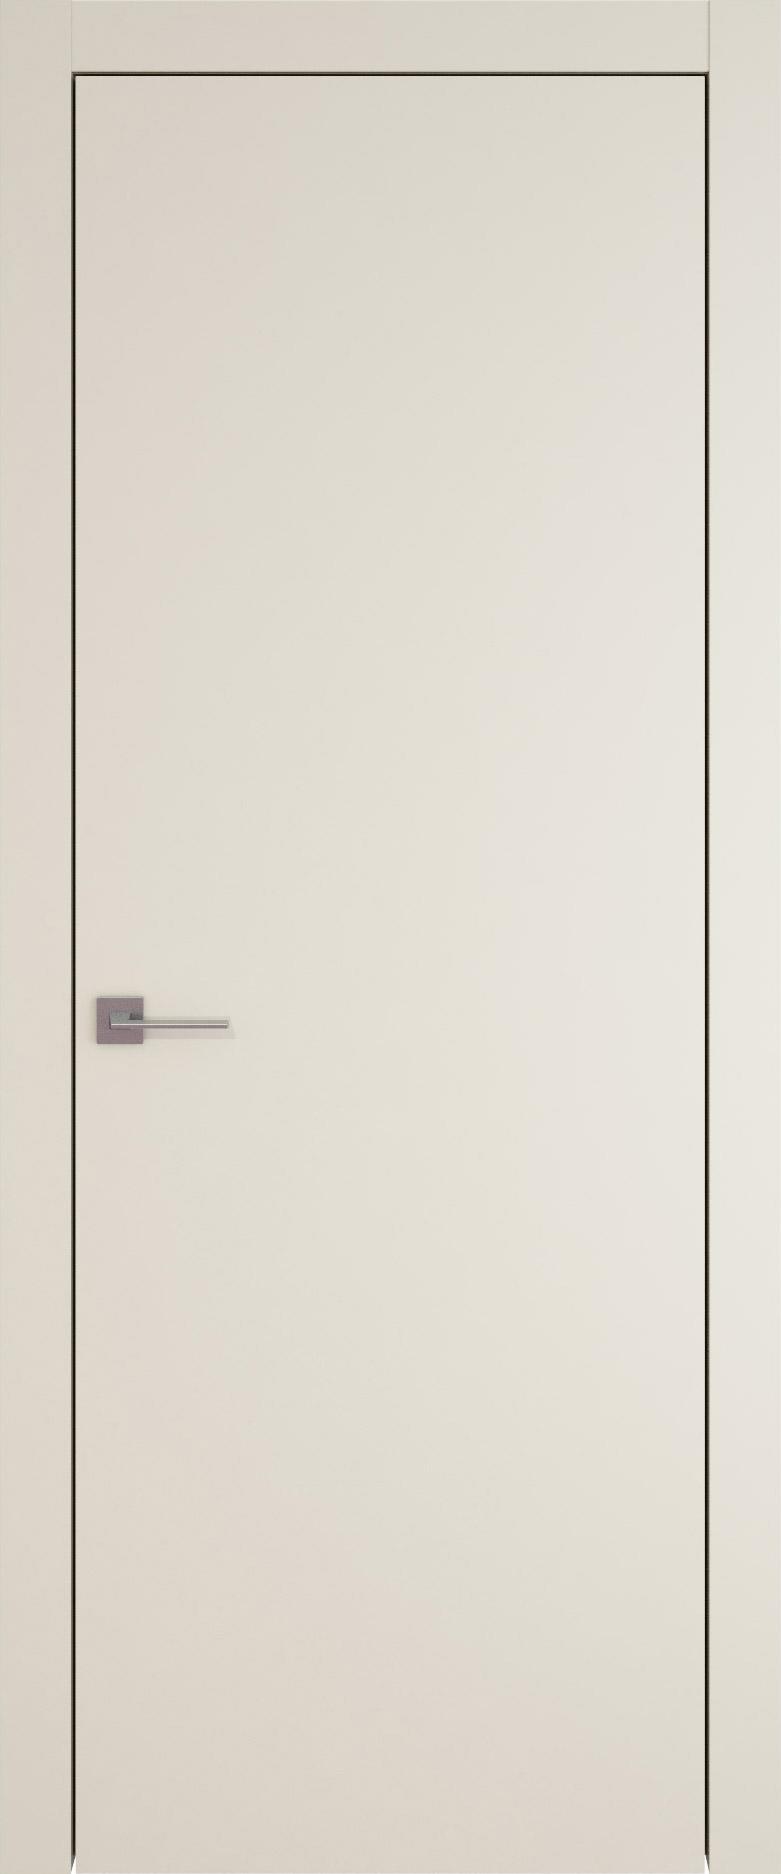 Tivoli А-2 цвет - Жемчужная эмаль (RAL 1013) Без стекла (ДГ)